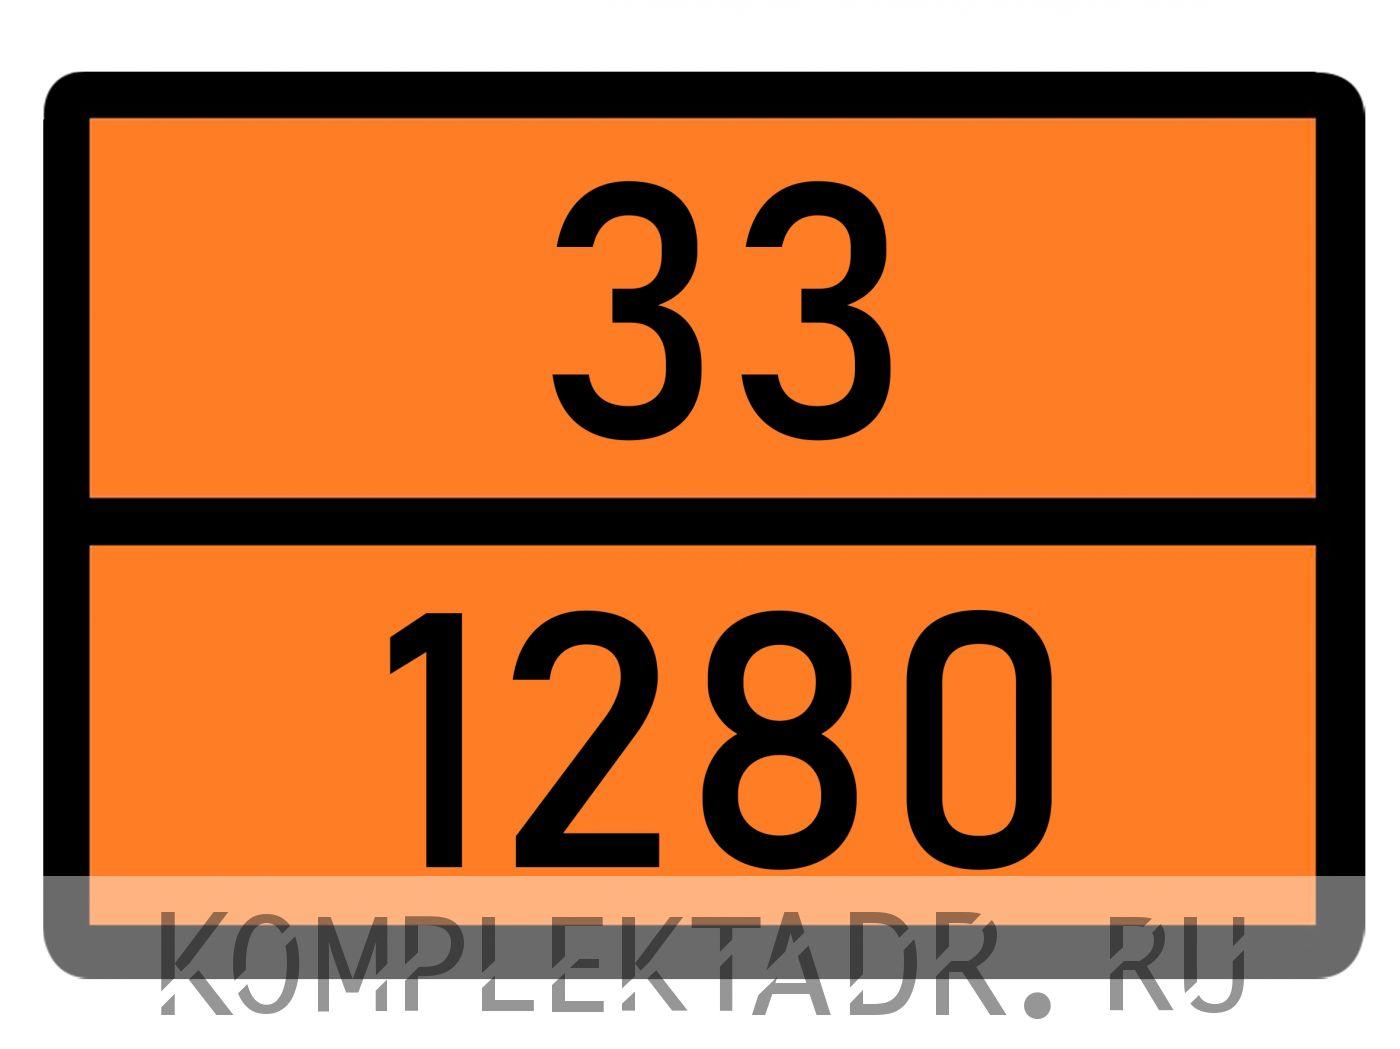 Табличка 33-1280